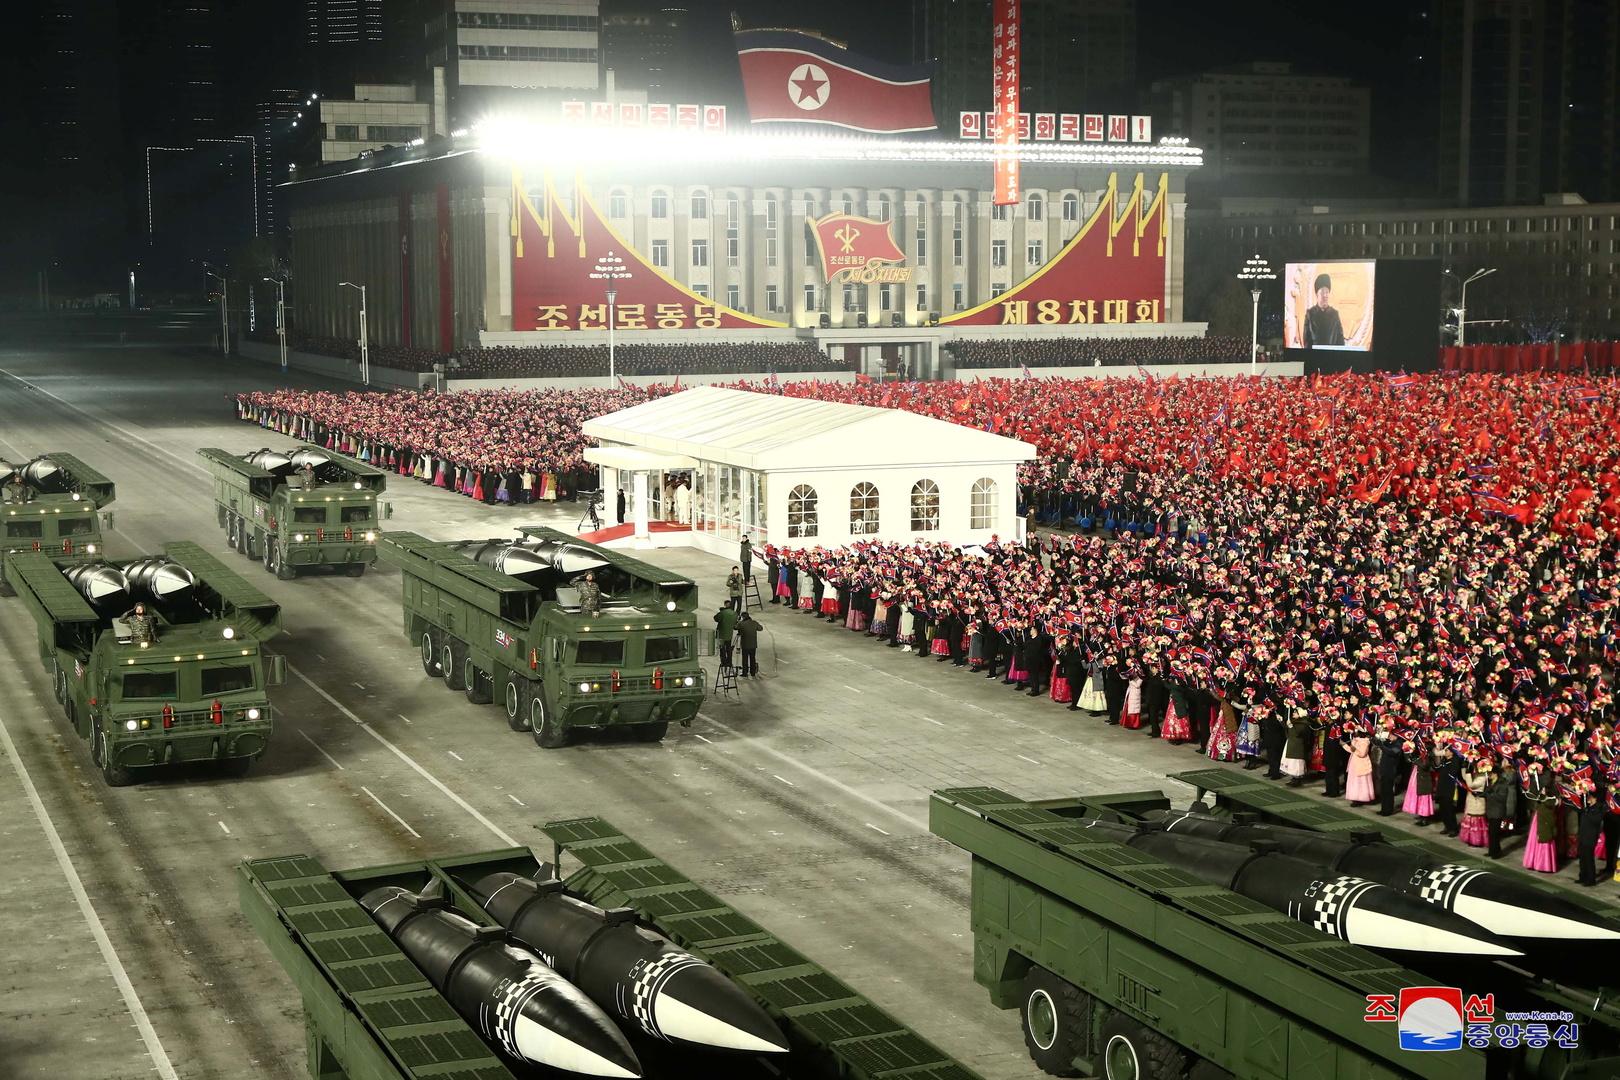 عرض عسكري في بيونغ يانغ.